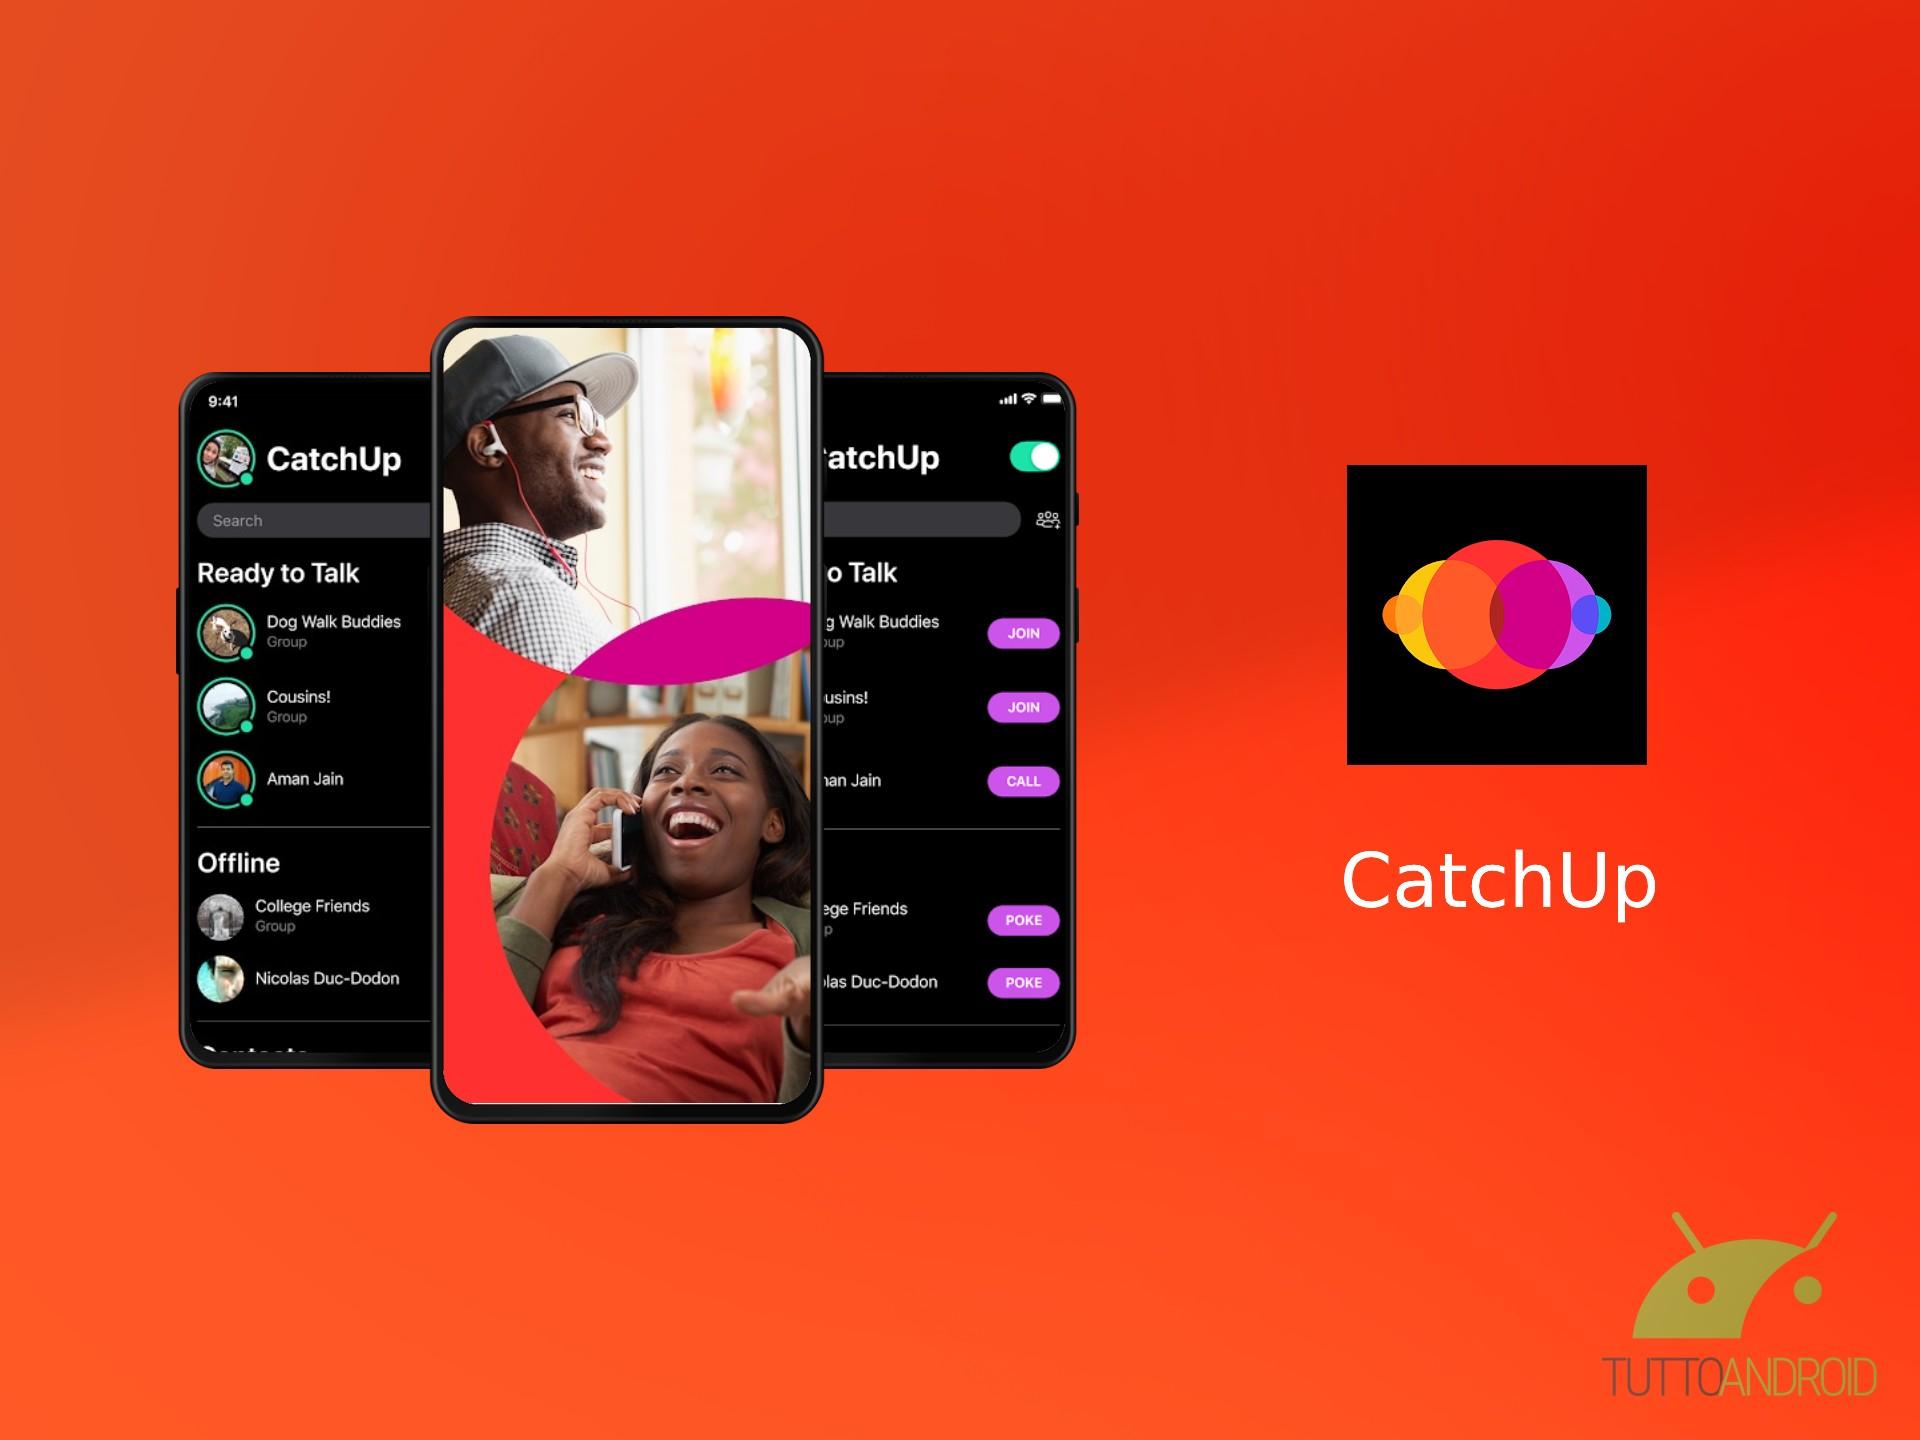 Facebook sperimenta l'app CatchUp per migliorare le chiamate